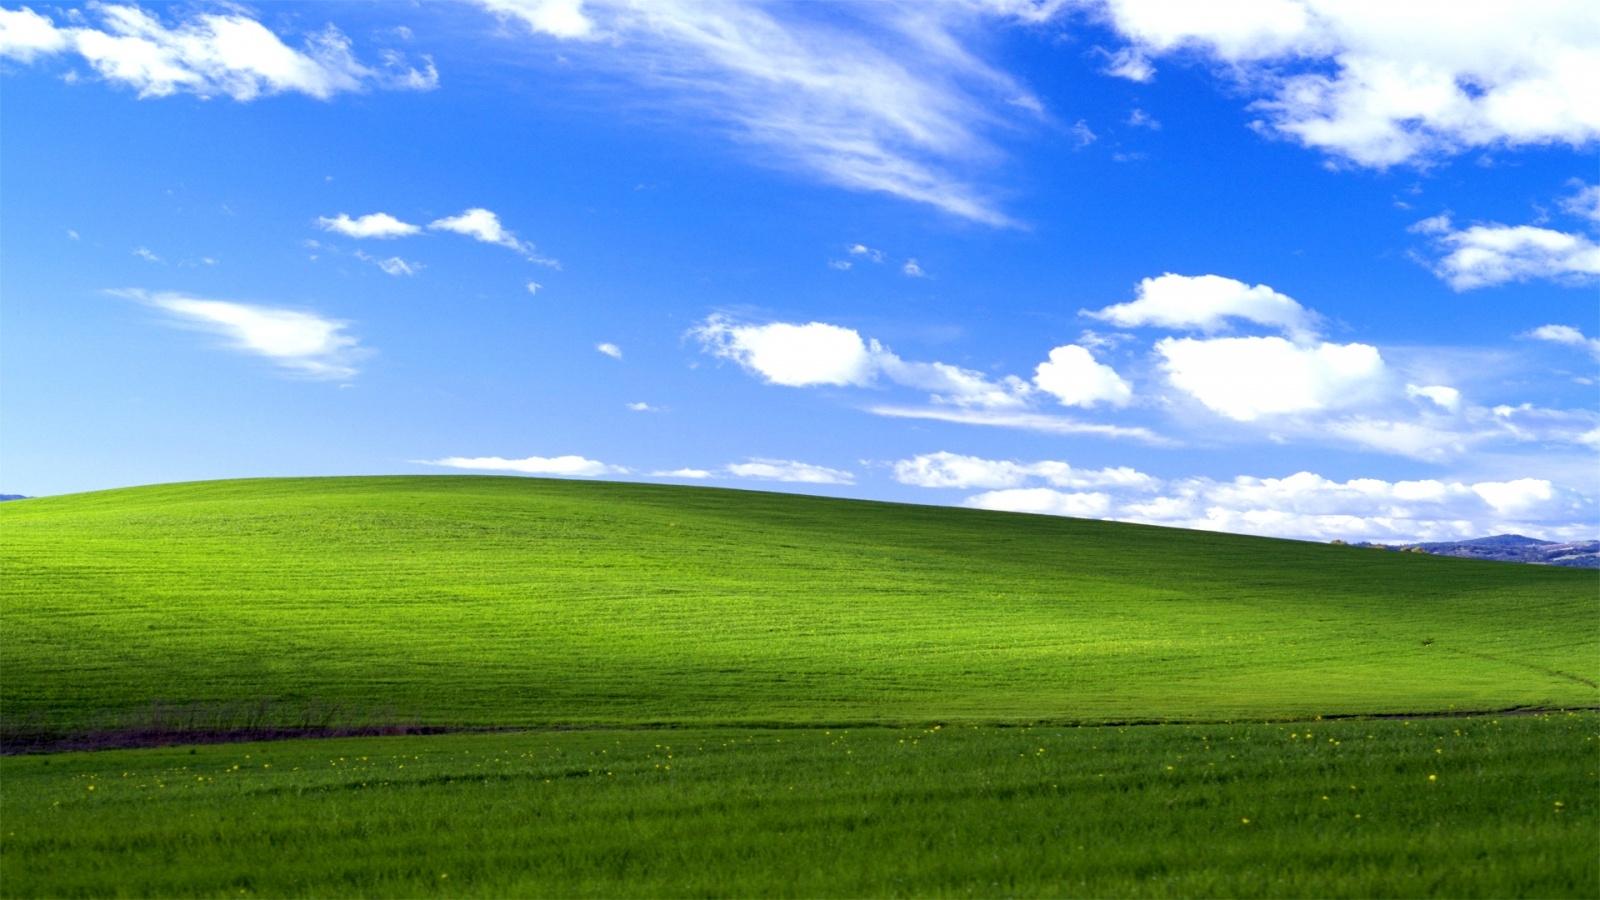 Tác giả ảnh nền Windows XP đã có thể thành triệu phú nhờ phí bản quyền